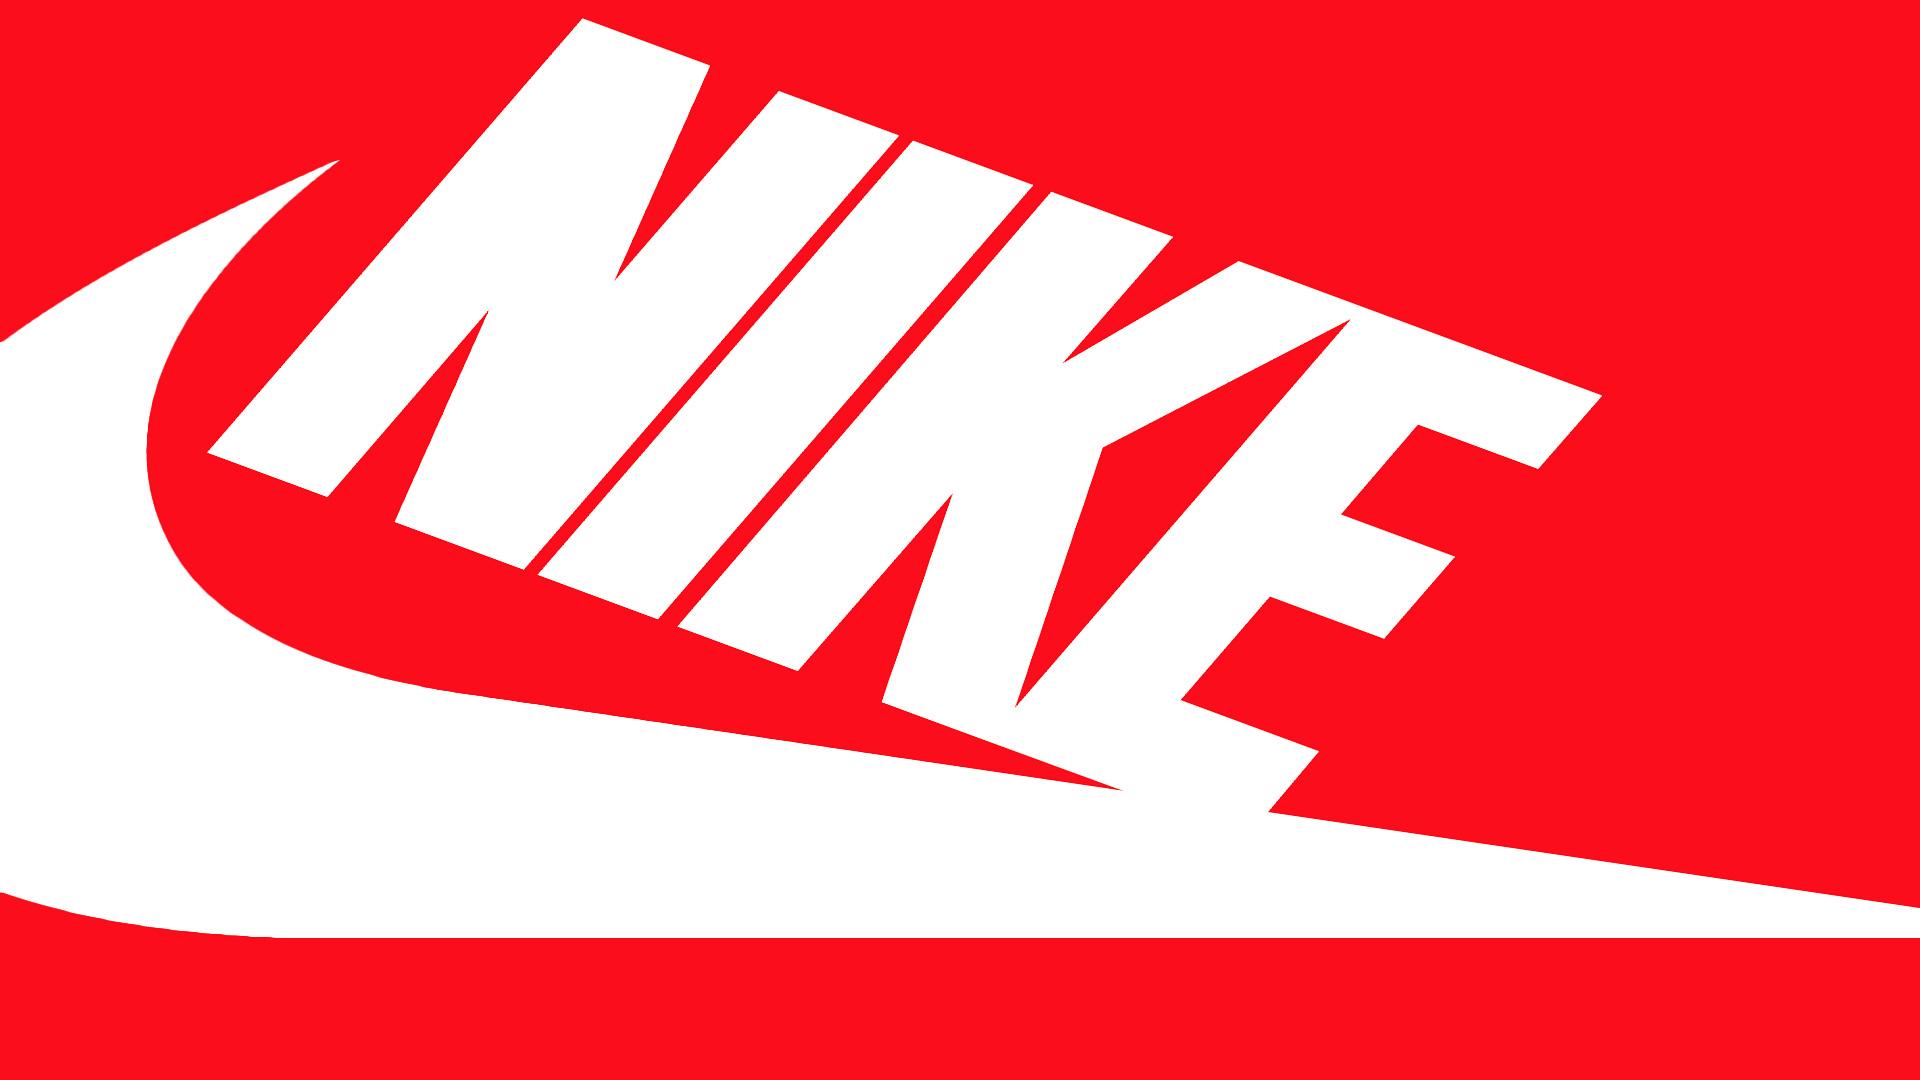 Nike Baseball Wallpaper - ClipArt Best